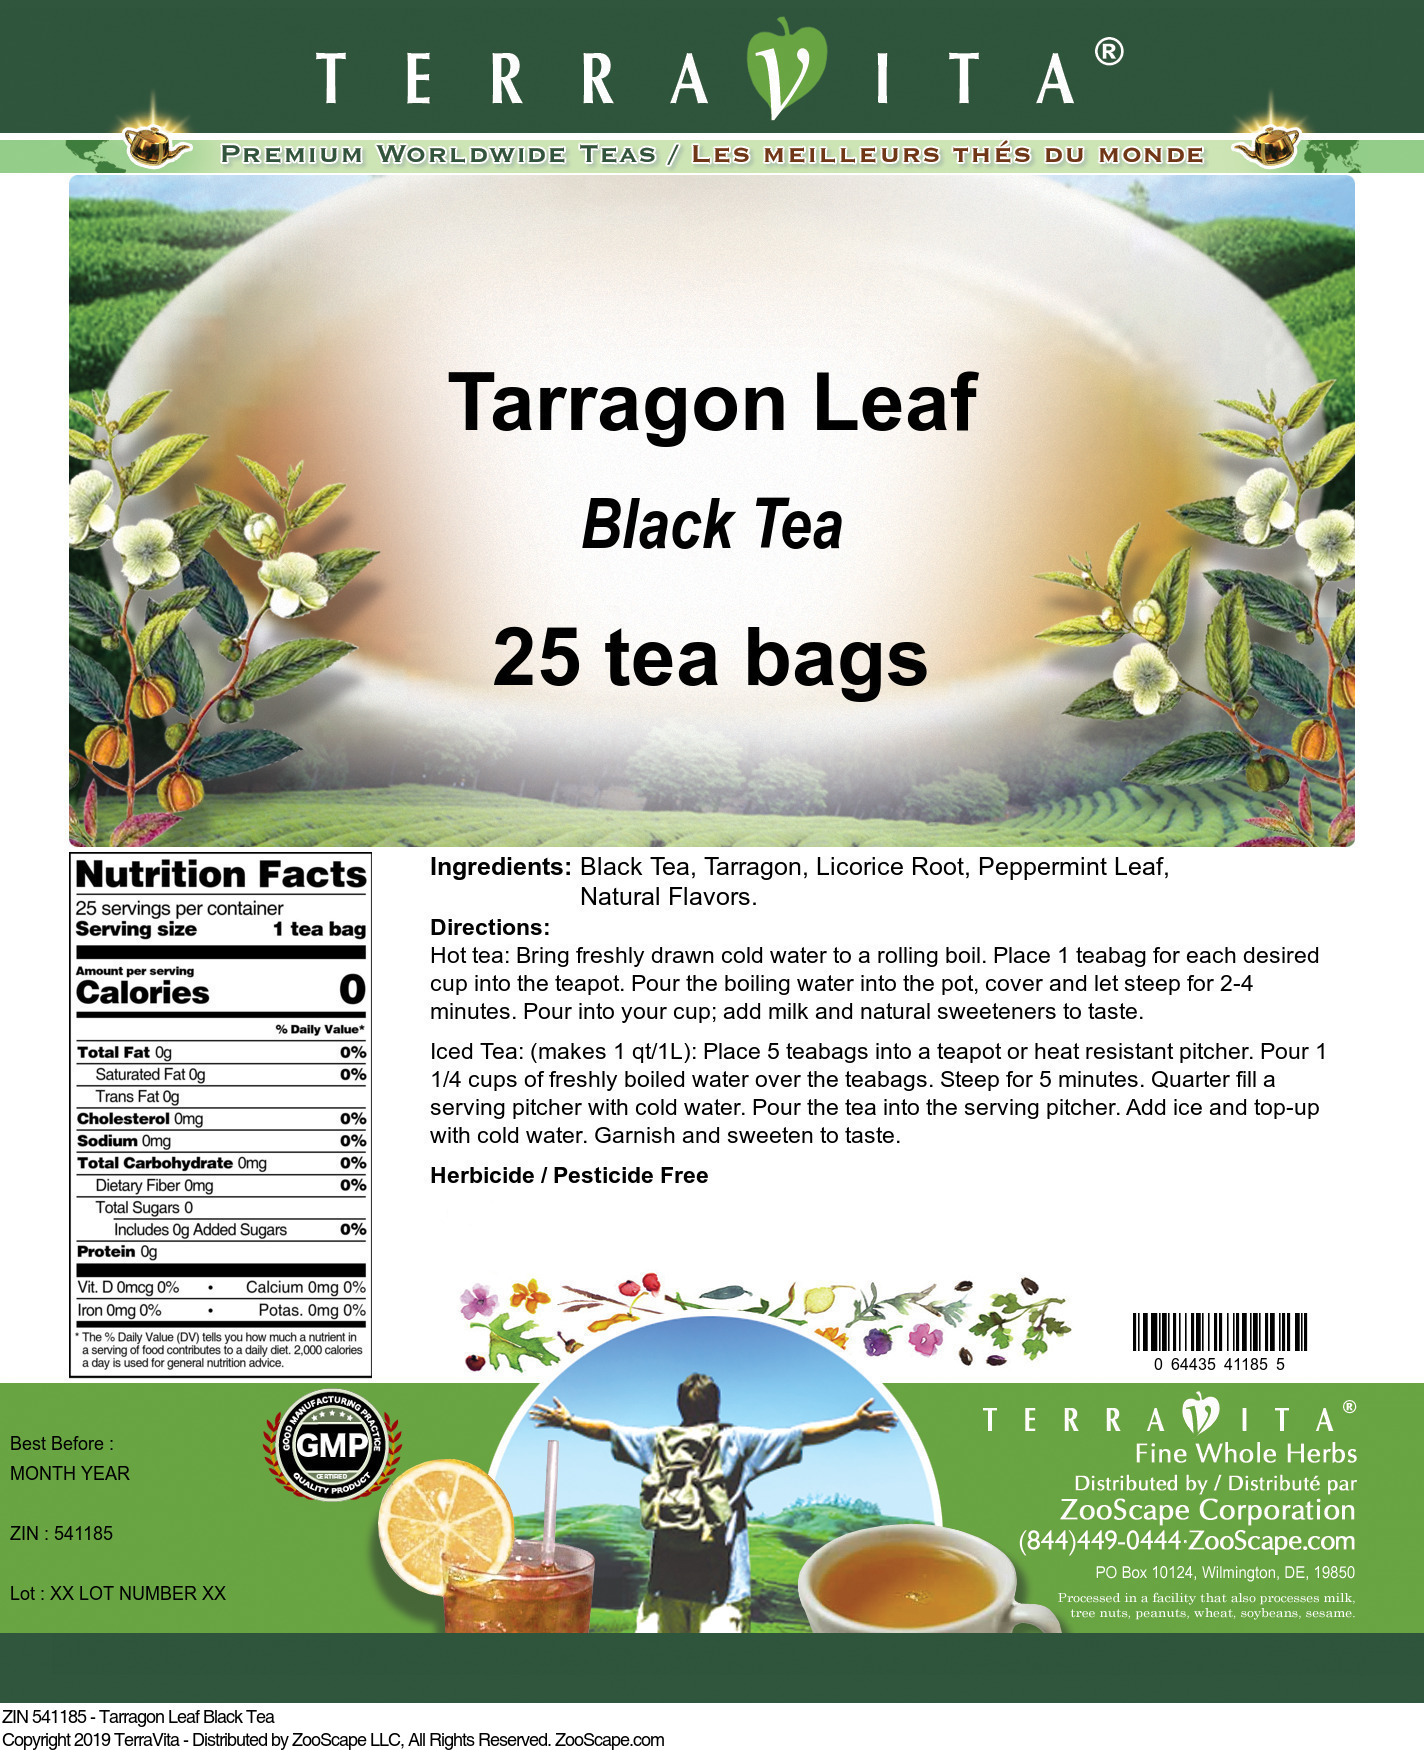 Tarragon Leaf Black Tea